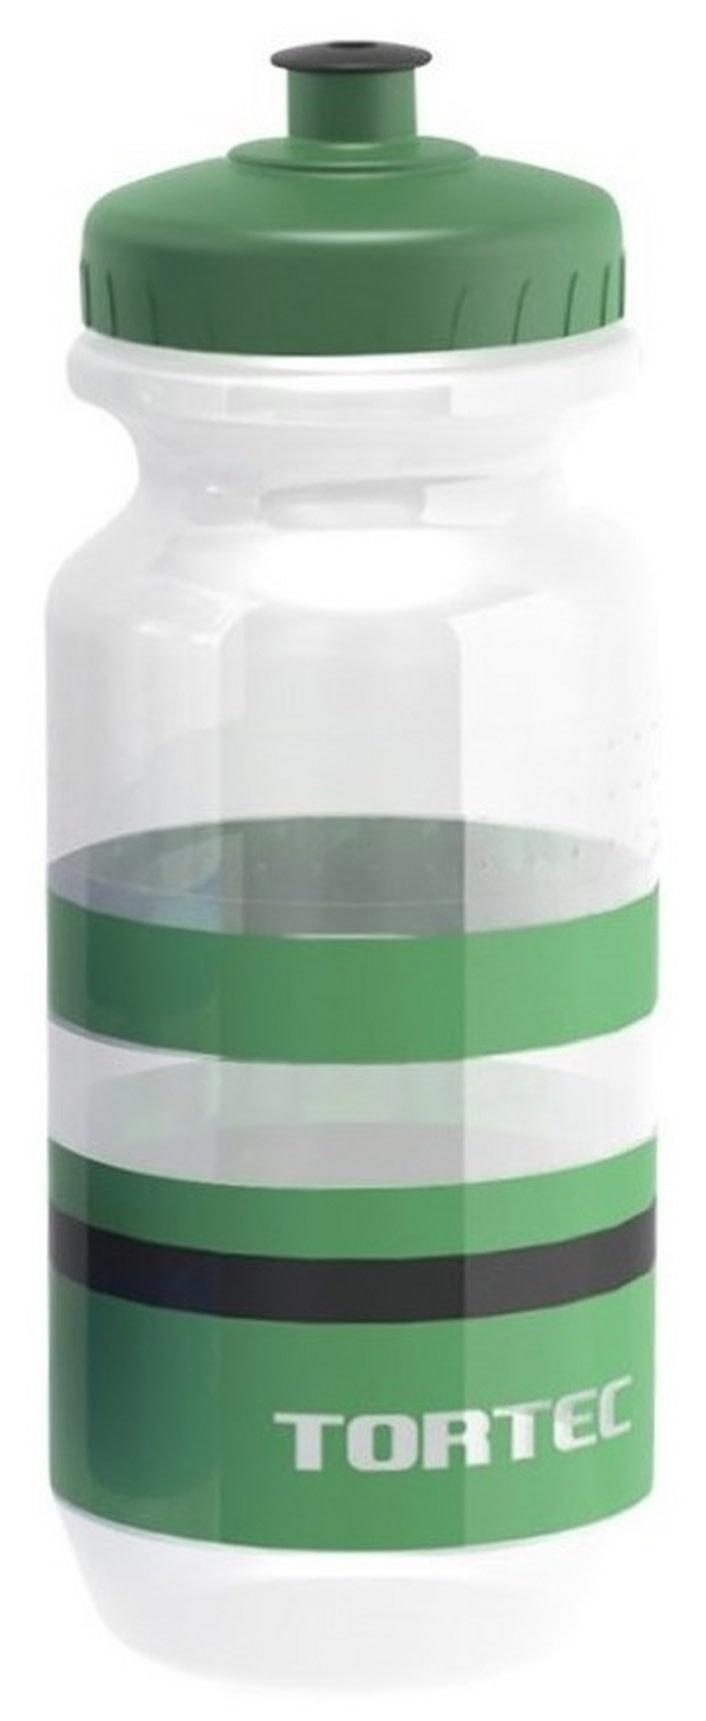 JET WATER BOTTLE 710ML: CLEAR/GREEN/BLACK